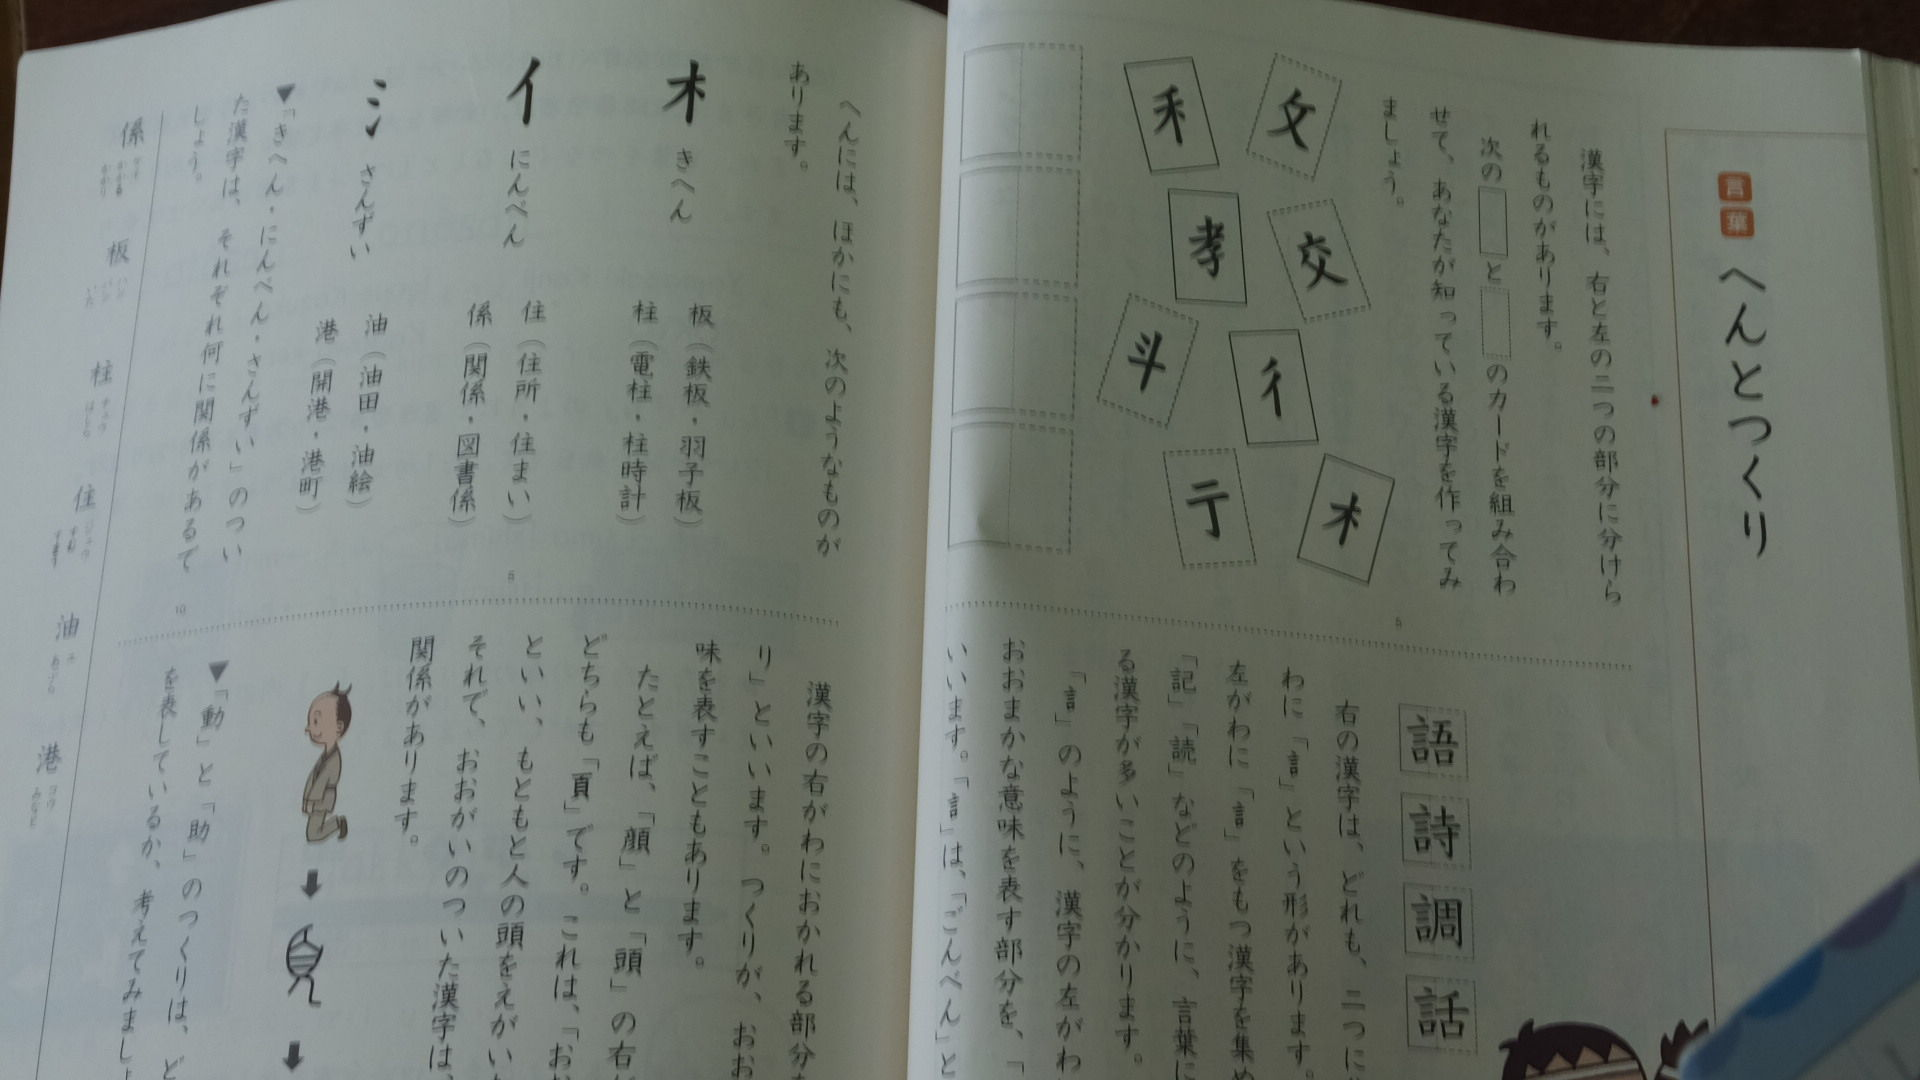 9月25日水3年生国語 太田っ子ブログ